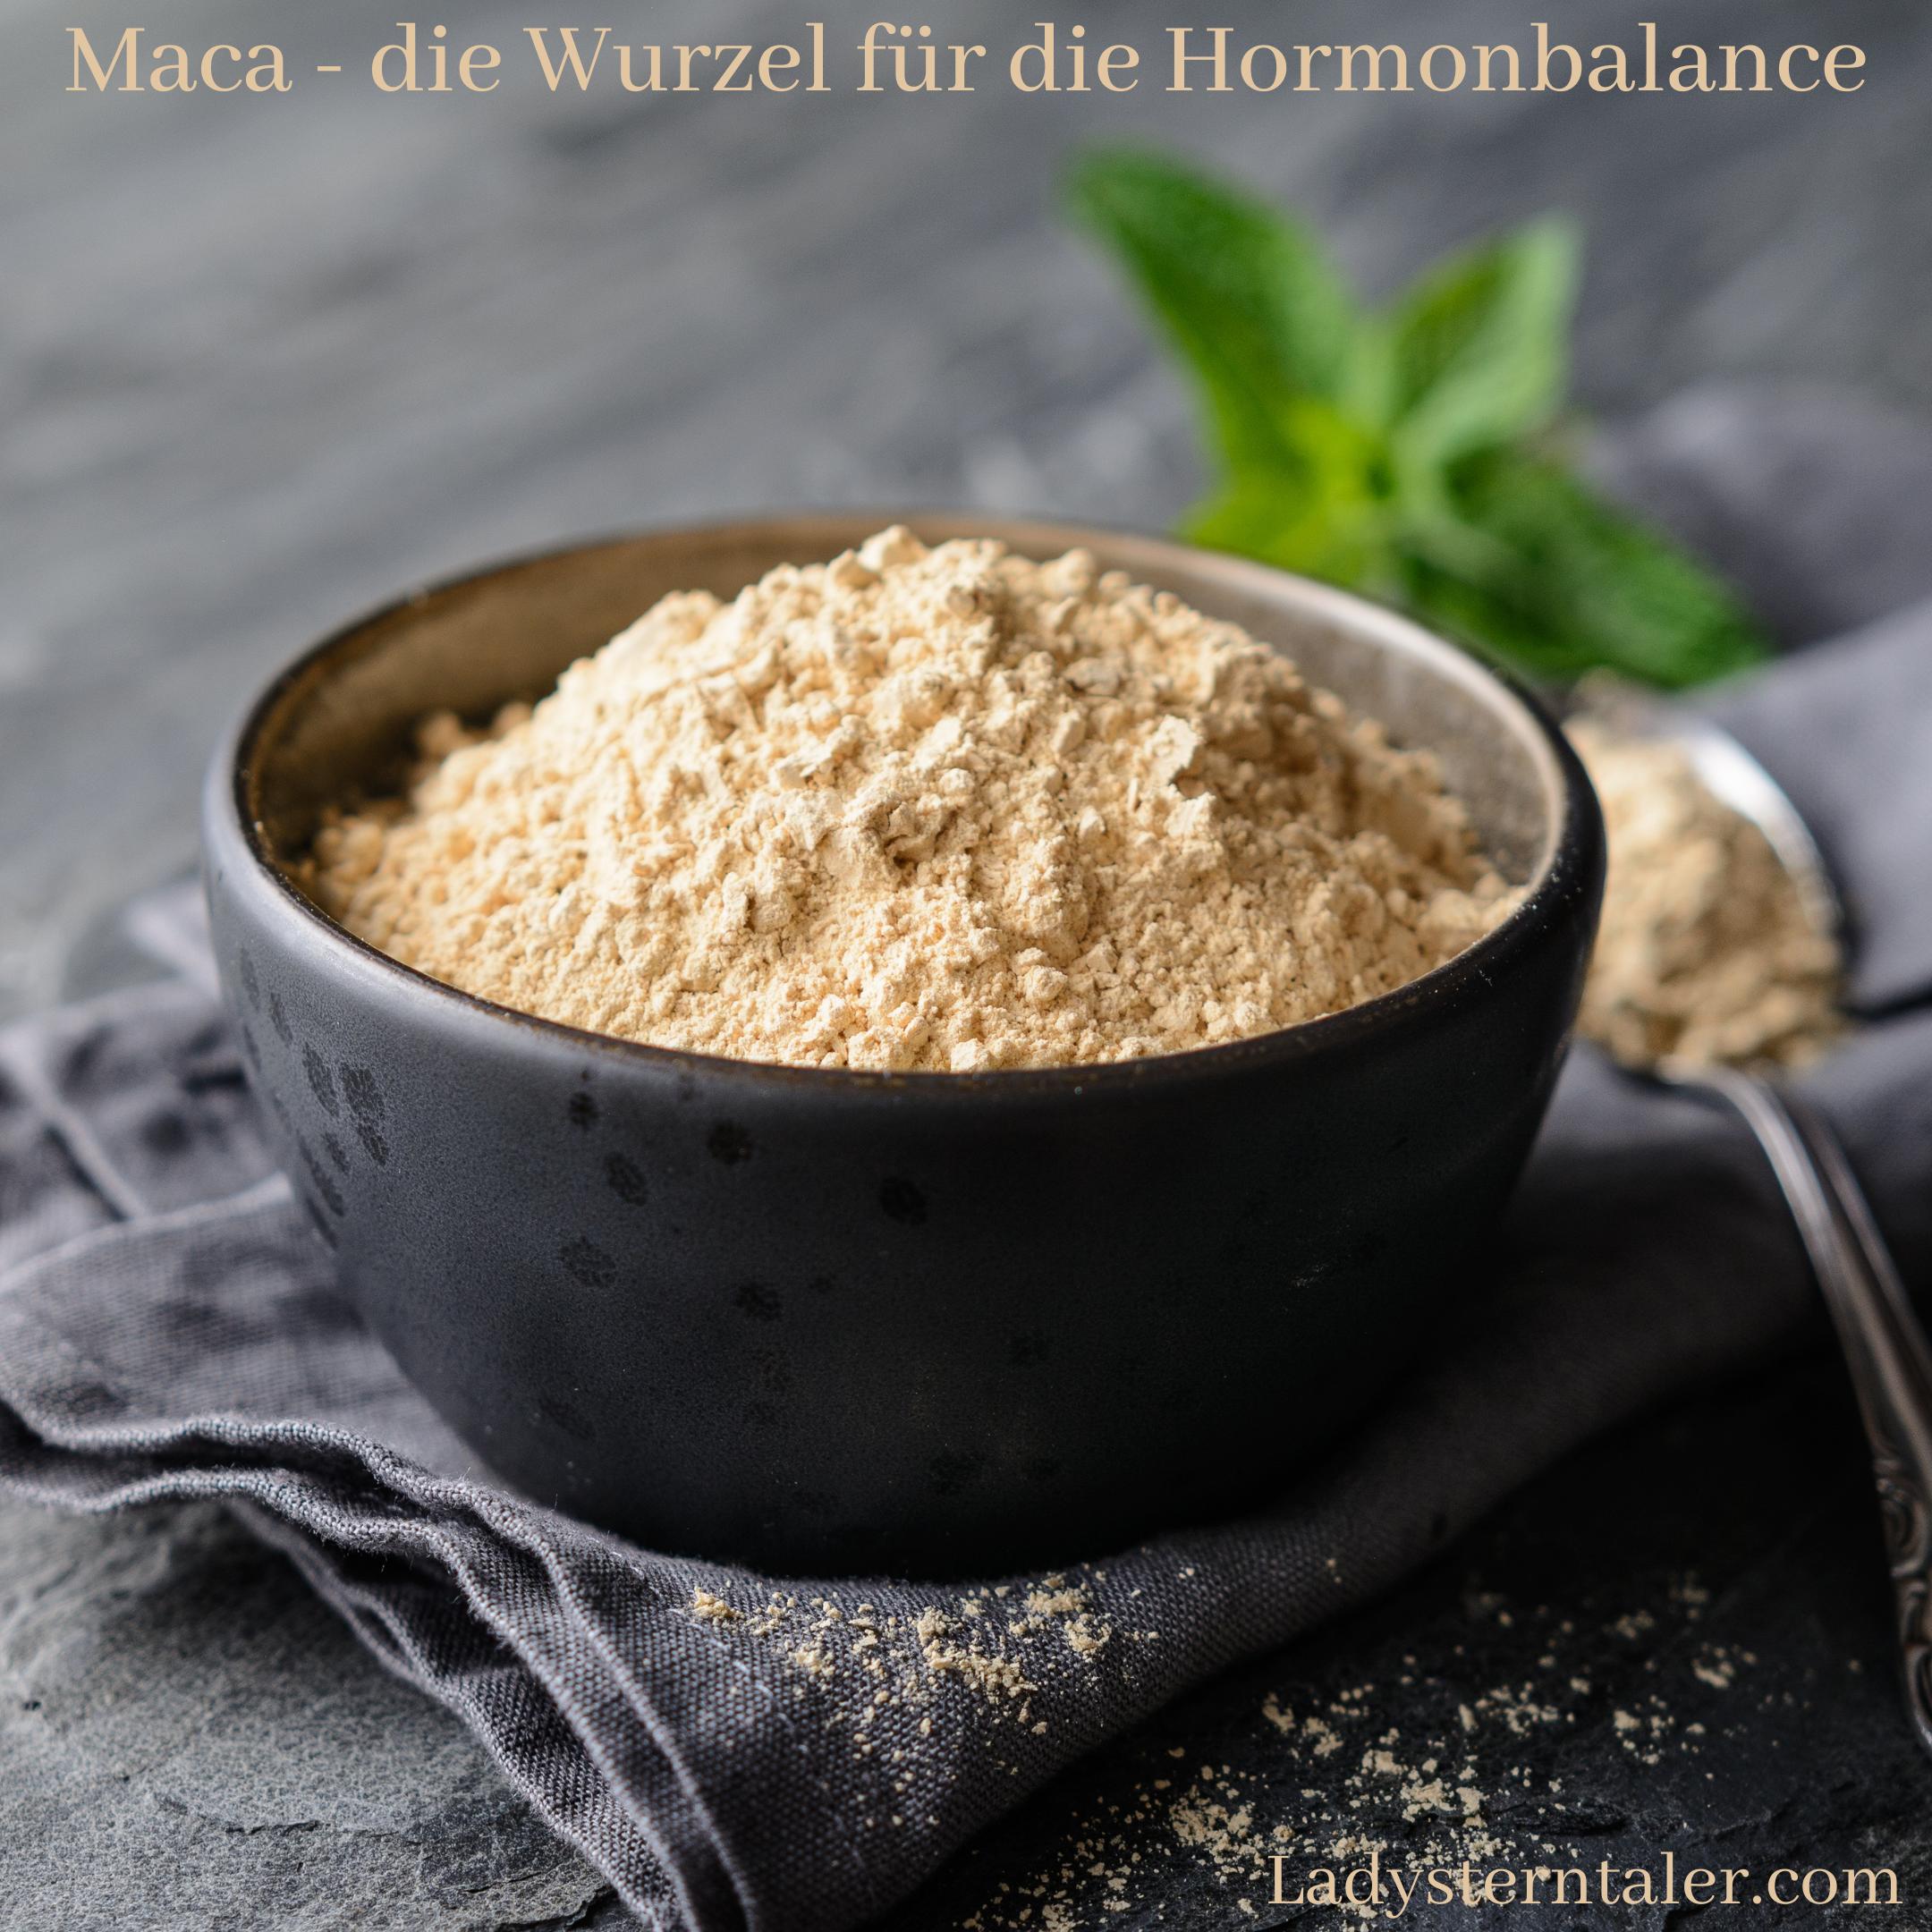 Maca -die Wurzel für unsere Hormonbalance (3)